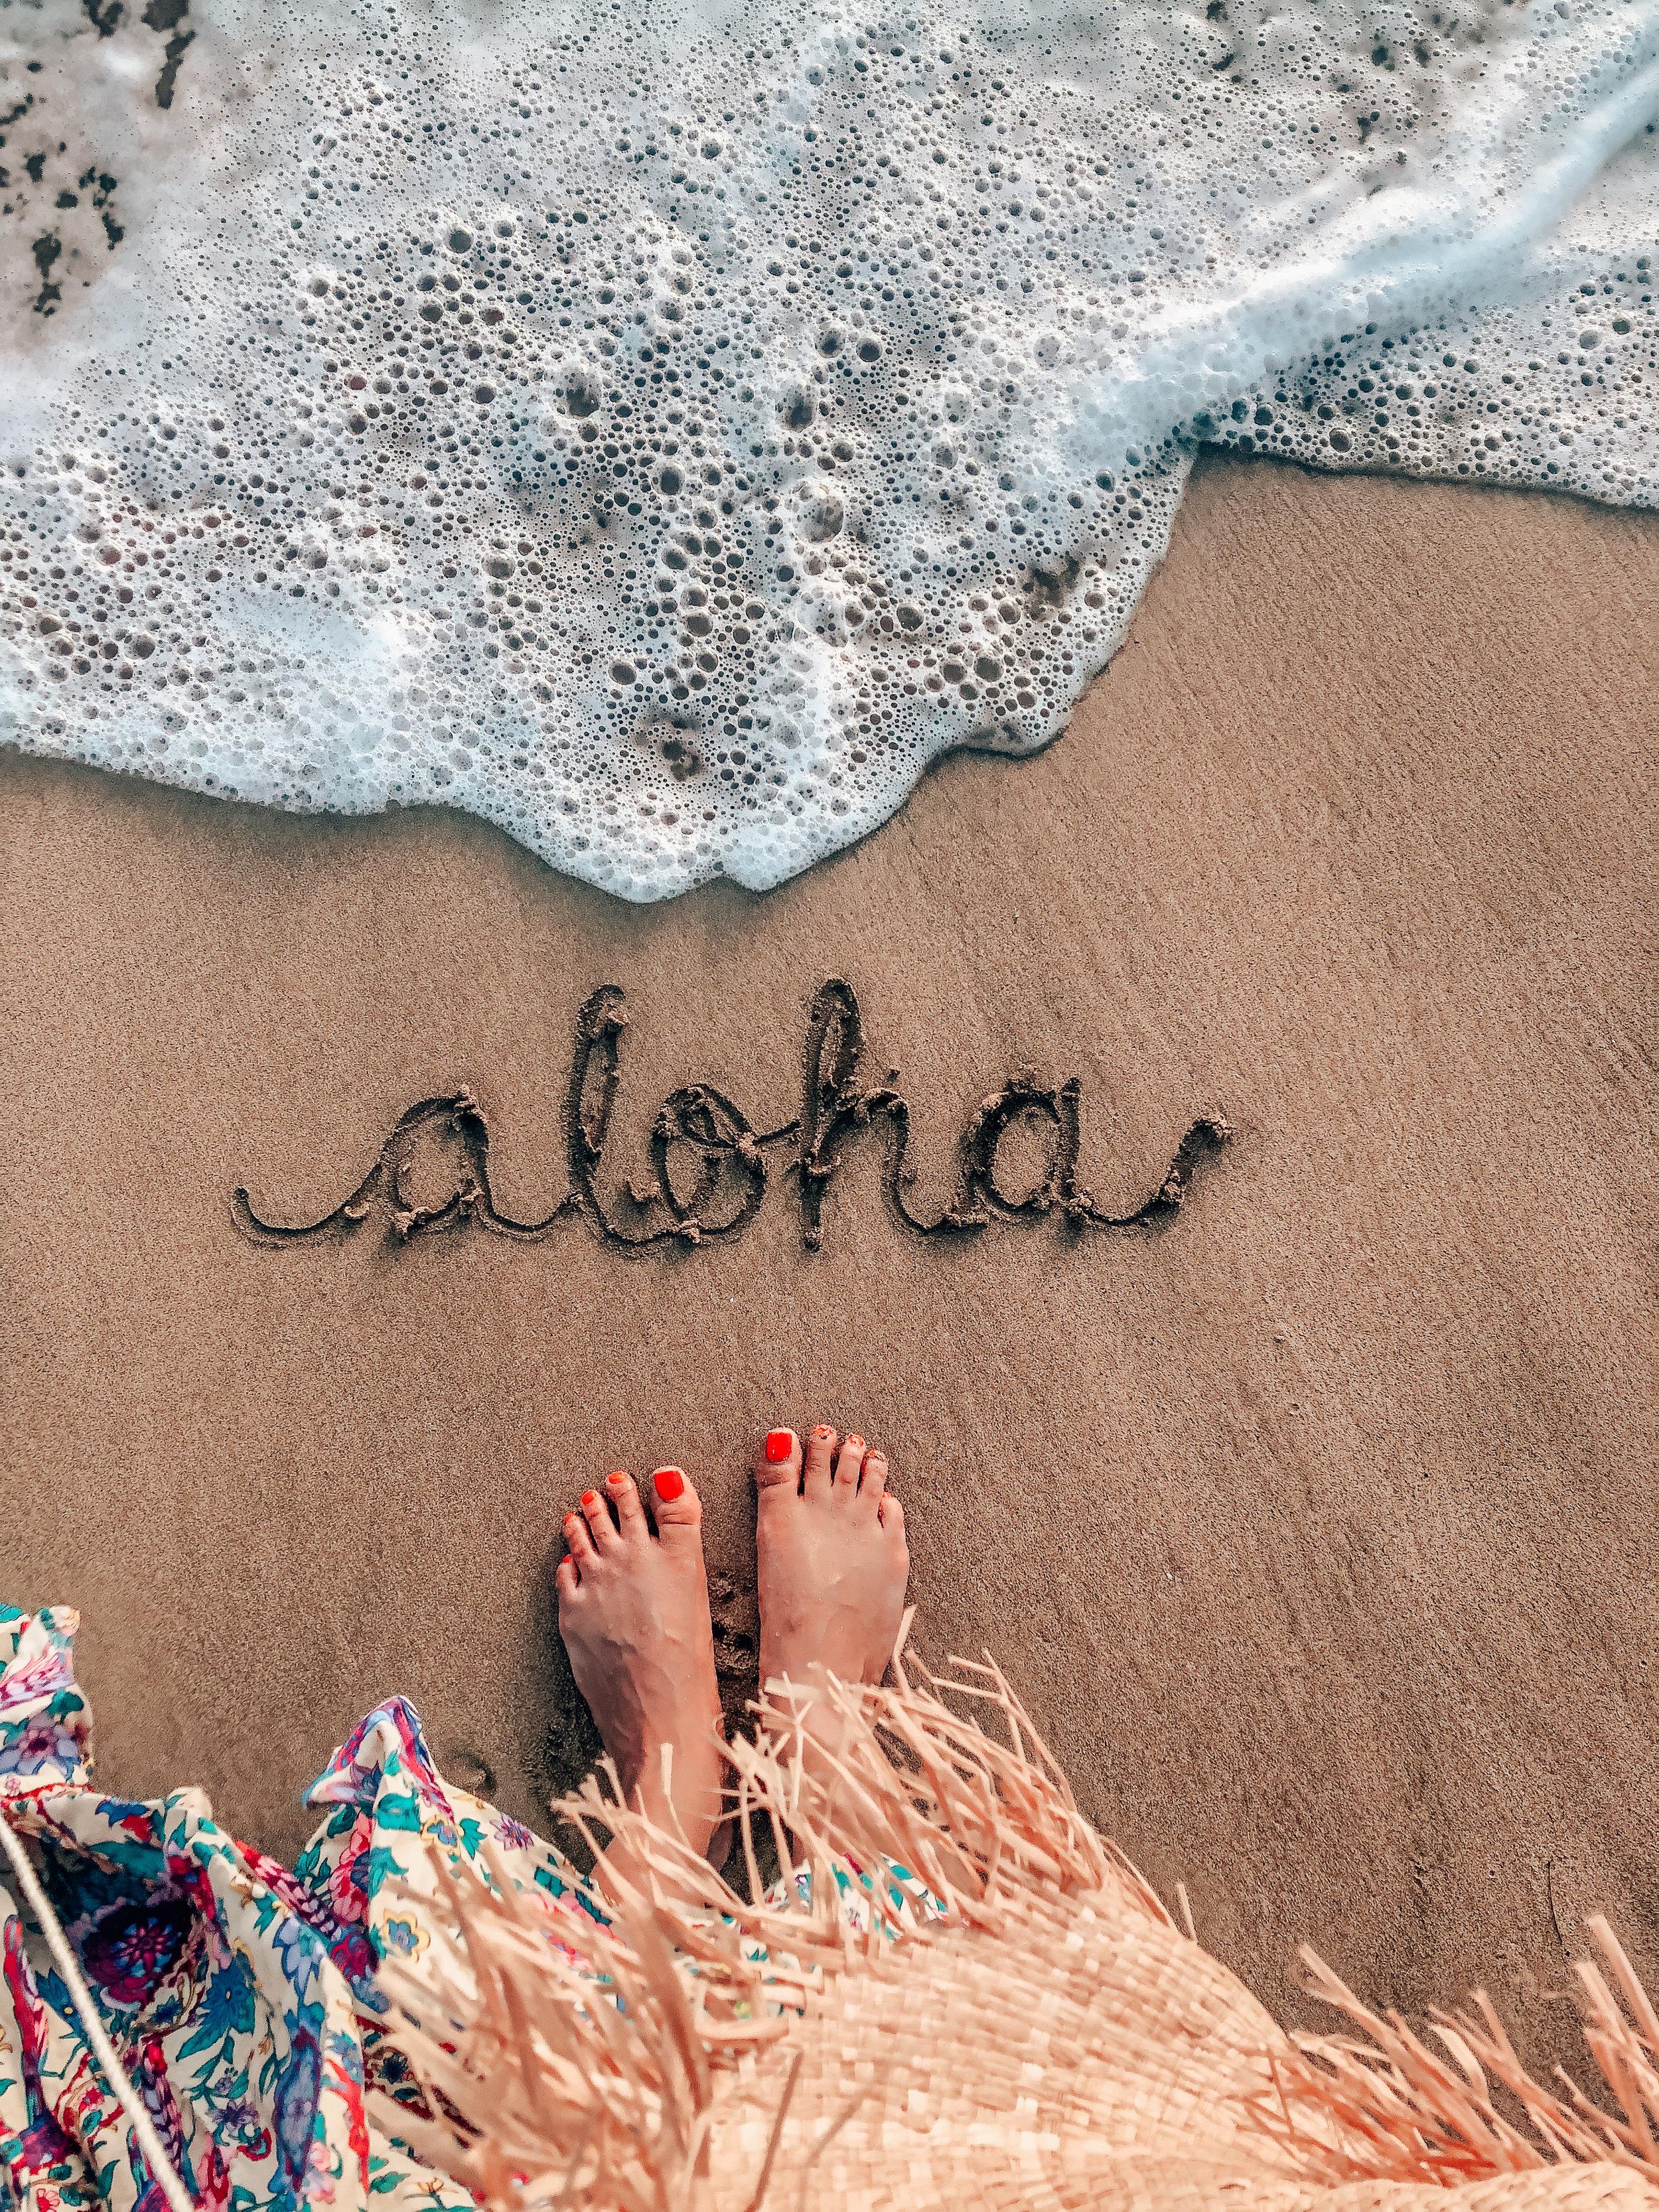 Fun in the Sand!